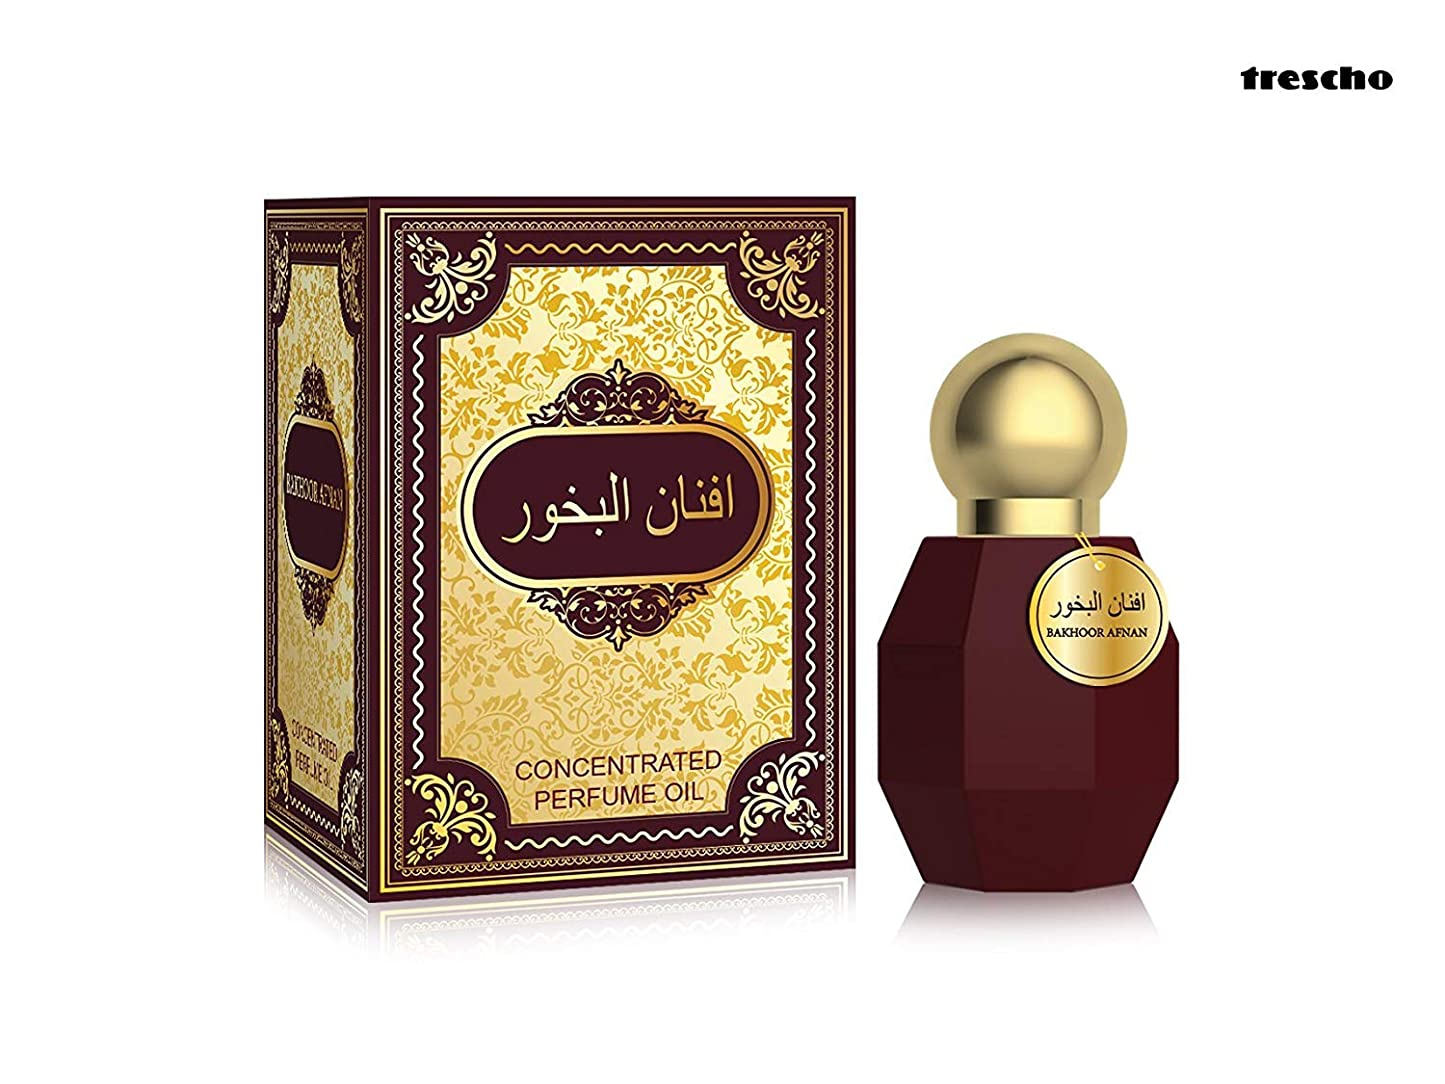 考古学的な城作り香水Bakhoor Afnanアター(Ittar)で20ミリリットルロール アターITRA最高品質の香水長持ちアタースプレー